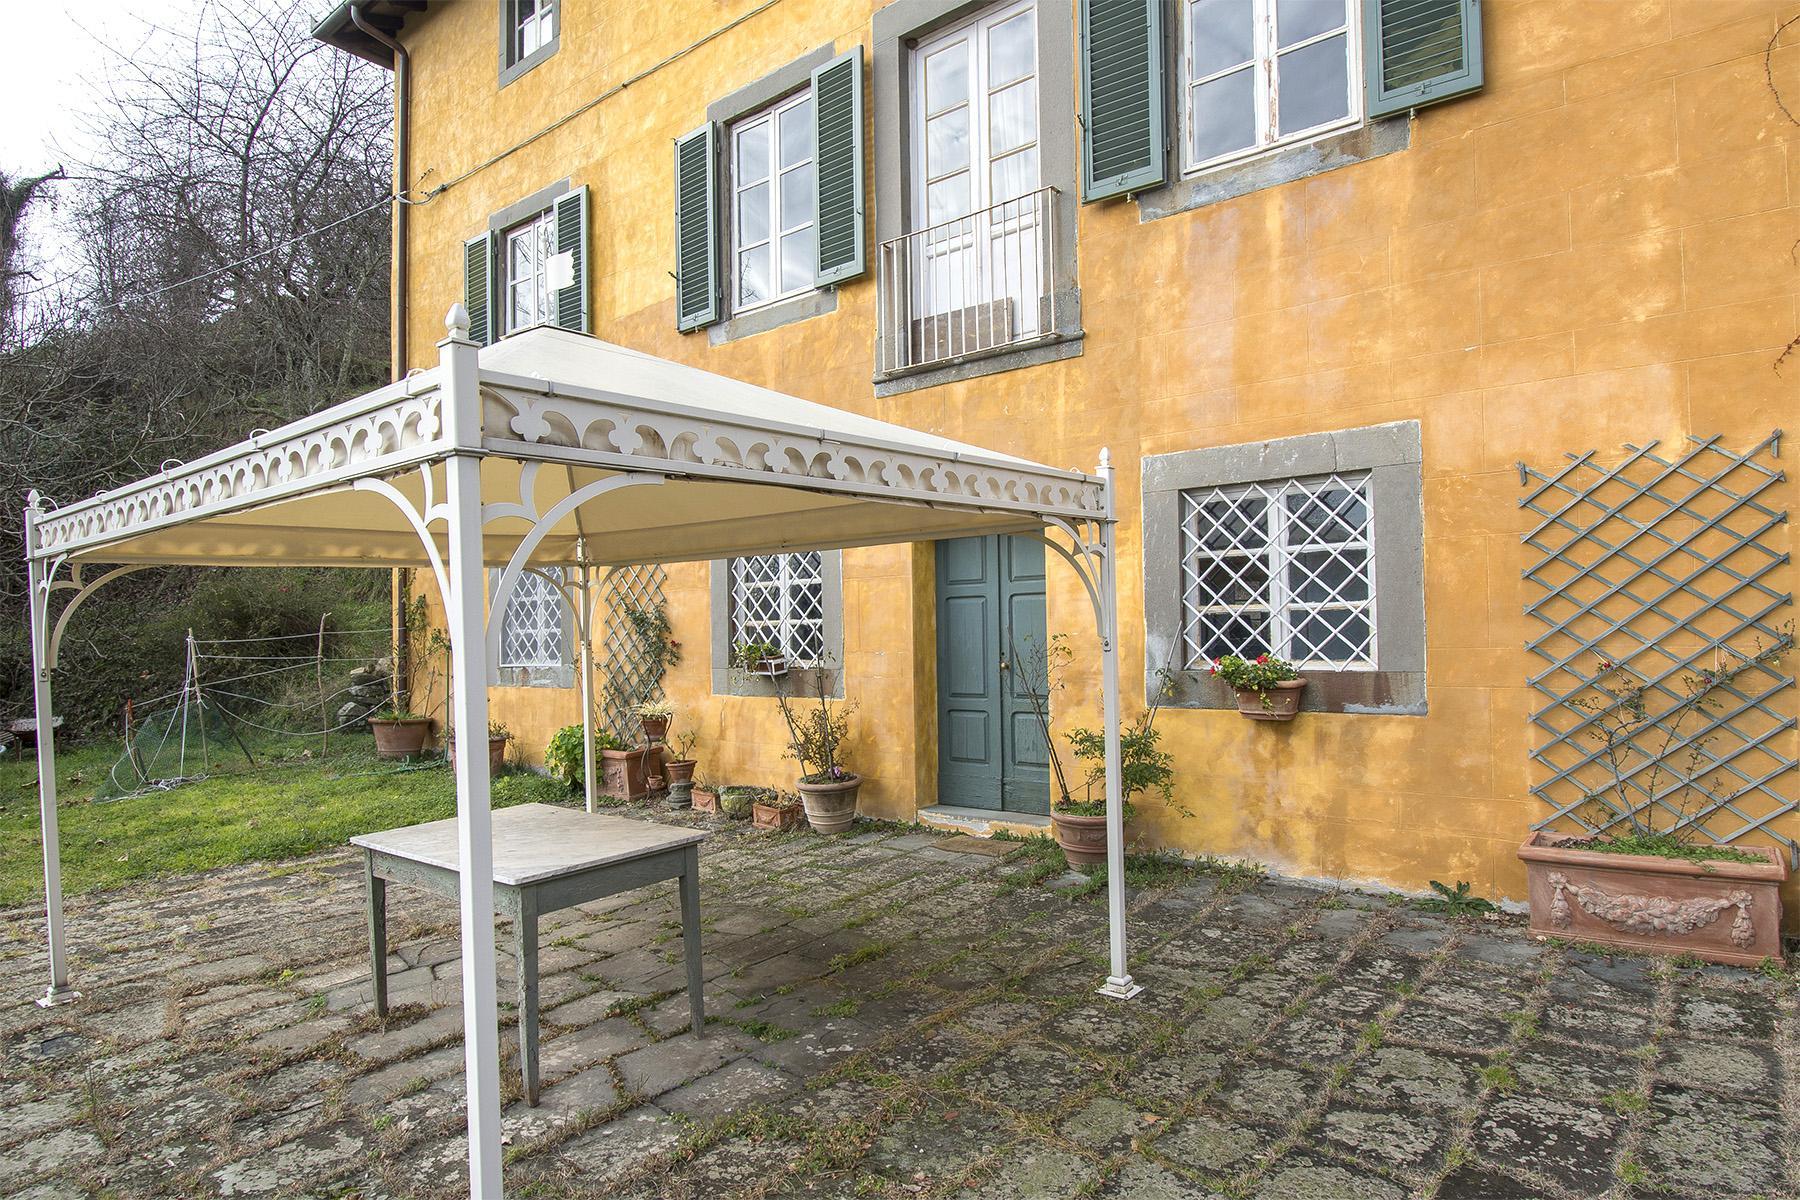 Villa historique près d'un village toscan médiéval - 20